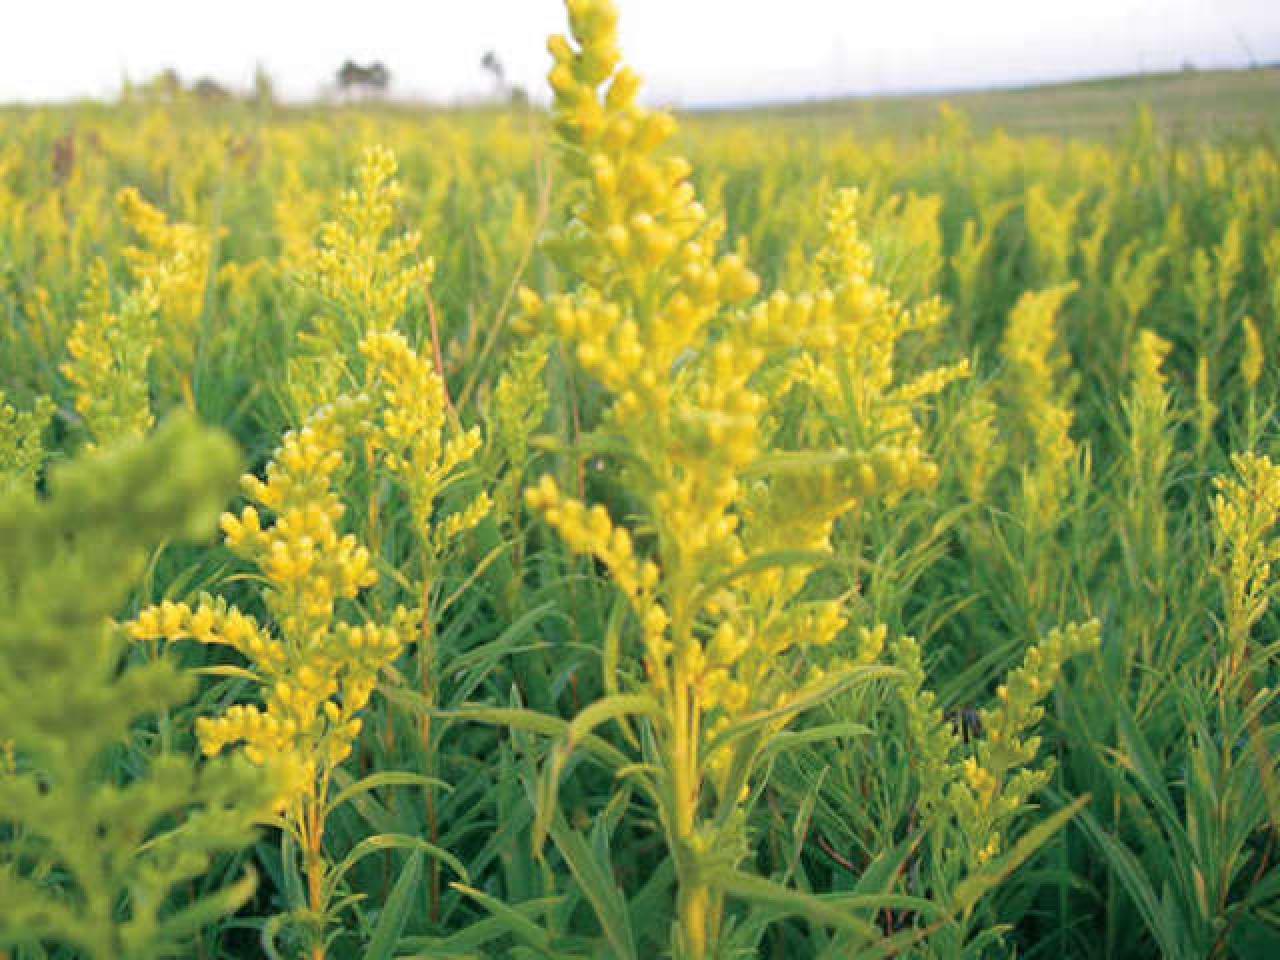 July Goldenrod or ragweed